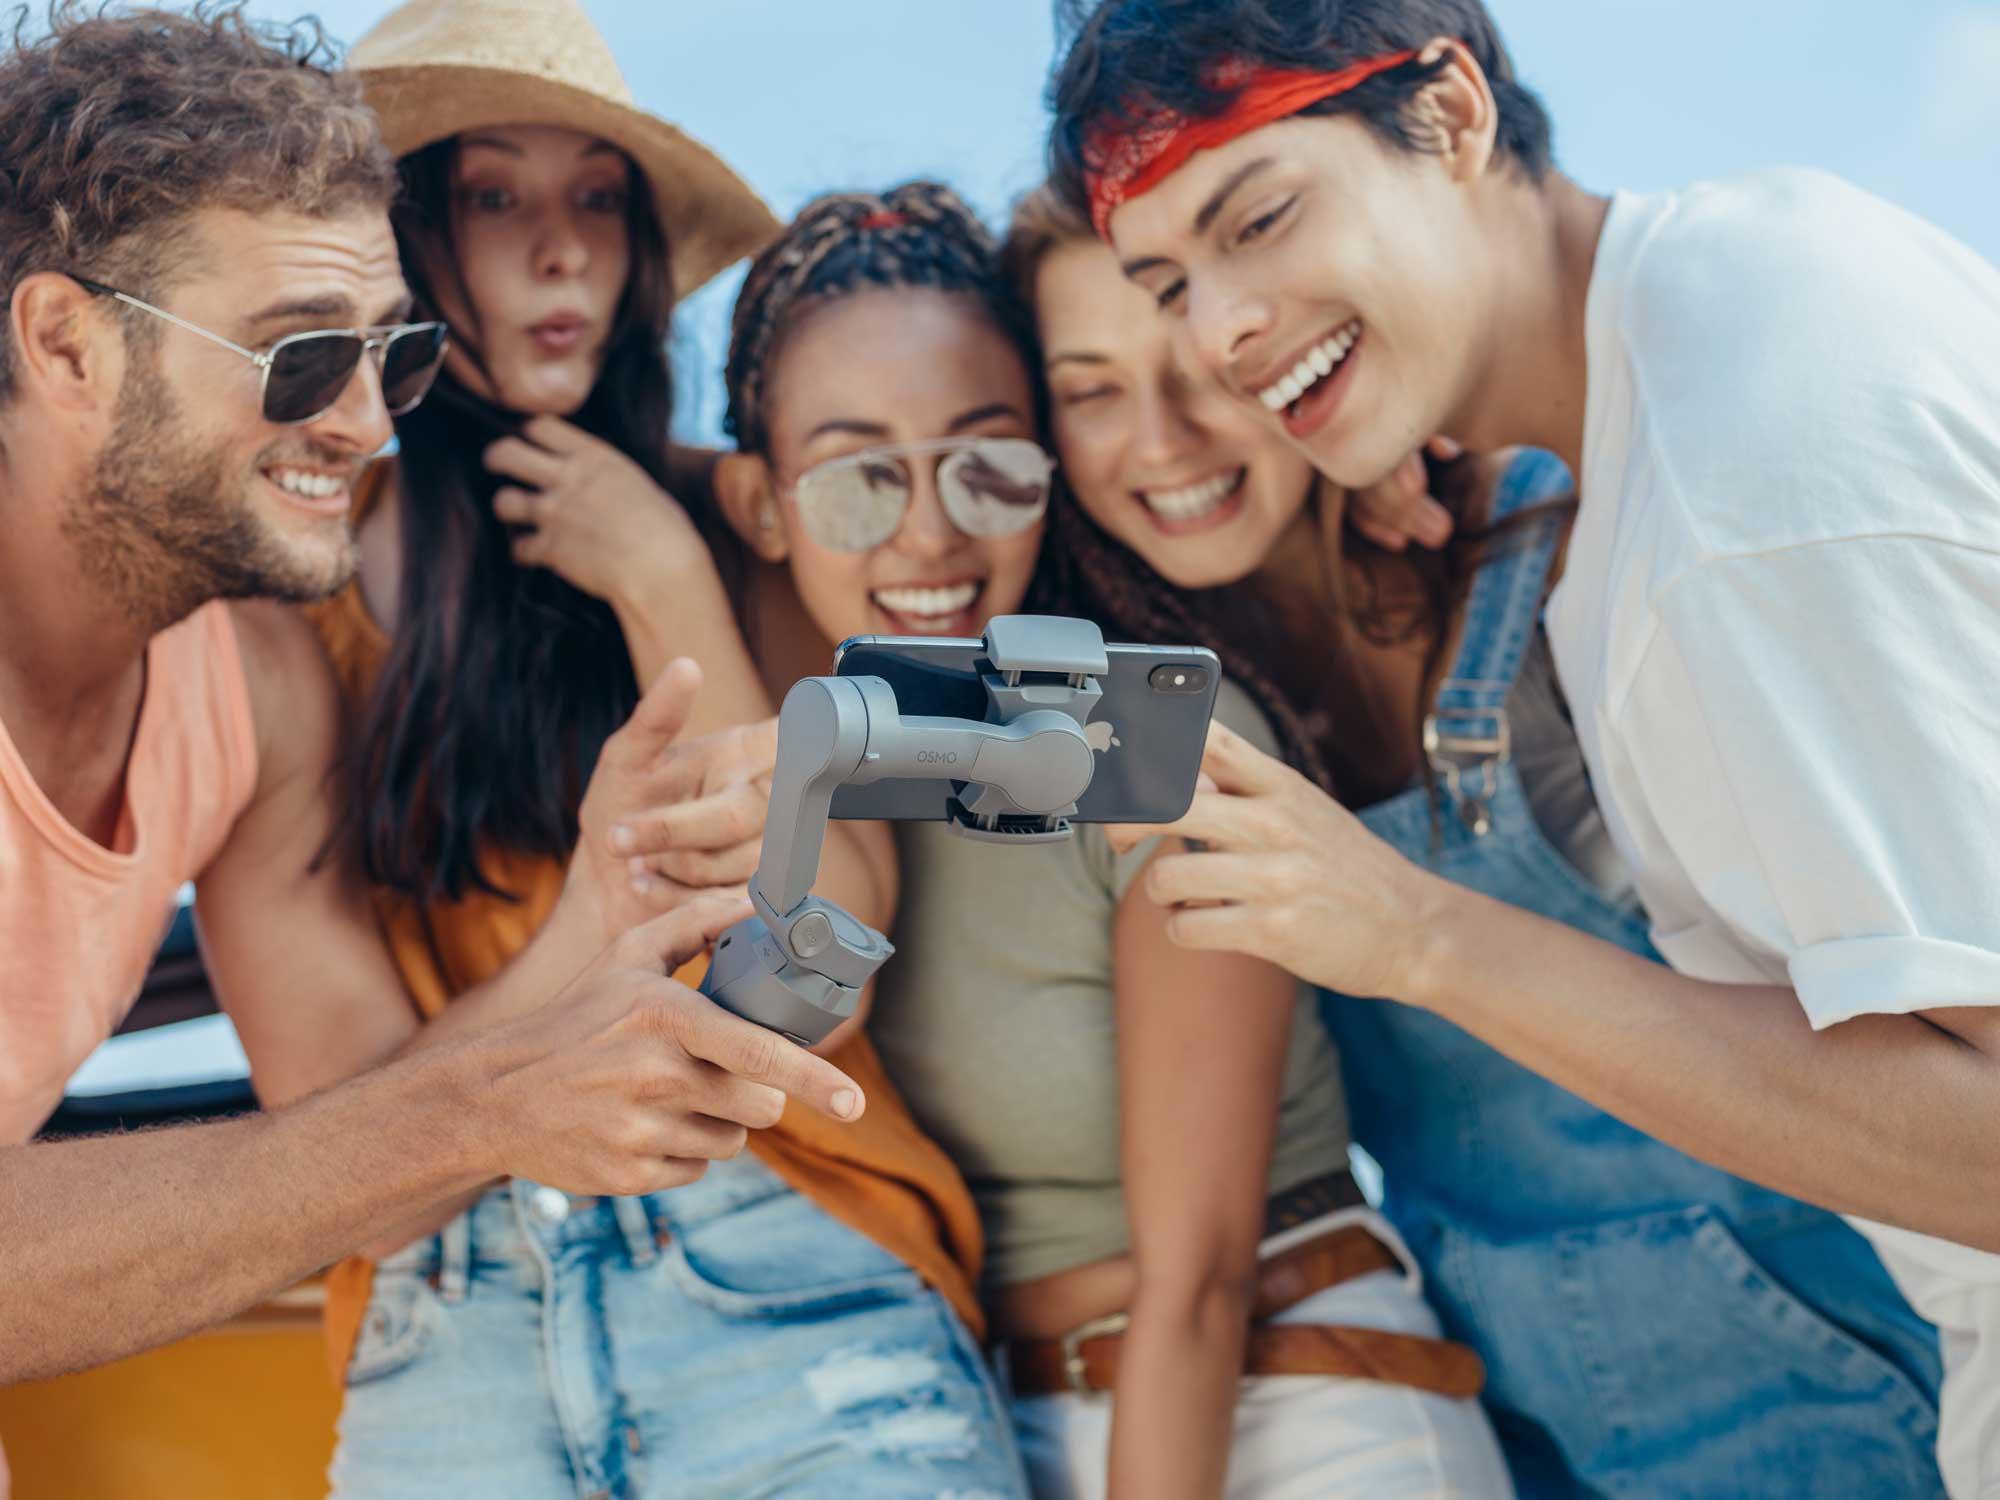 menangkap-kebersamaan-dengan-Osmo-Mobile-3